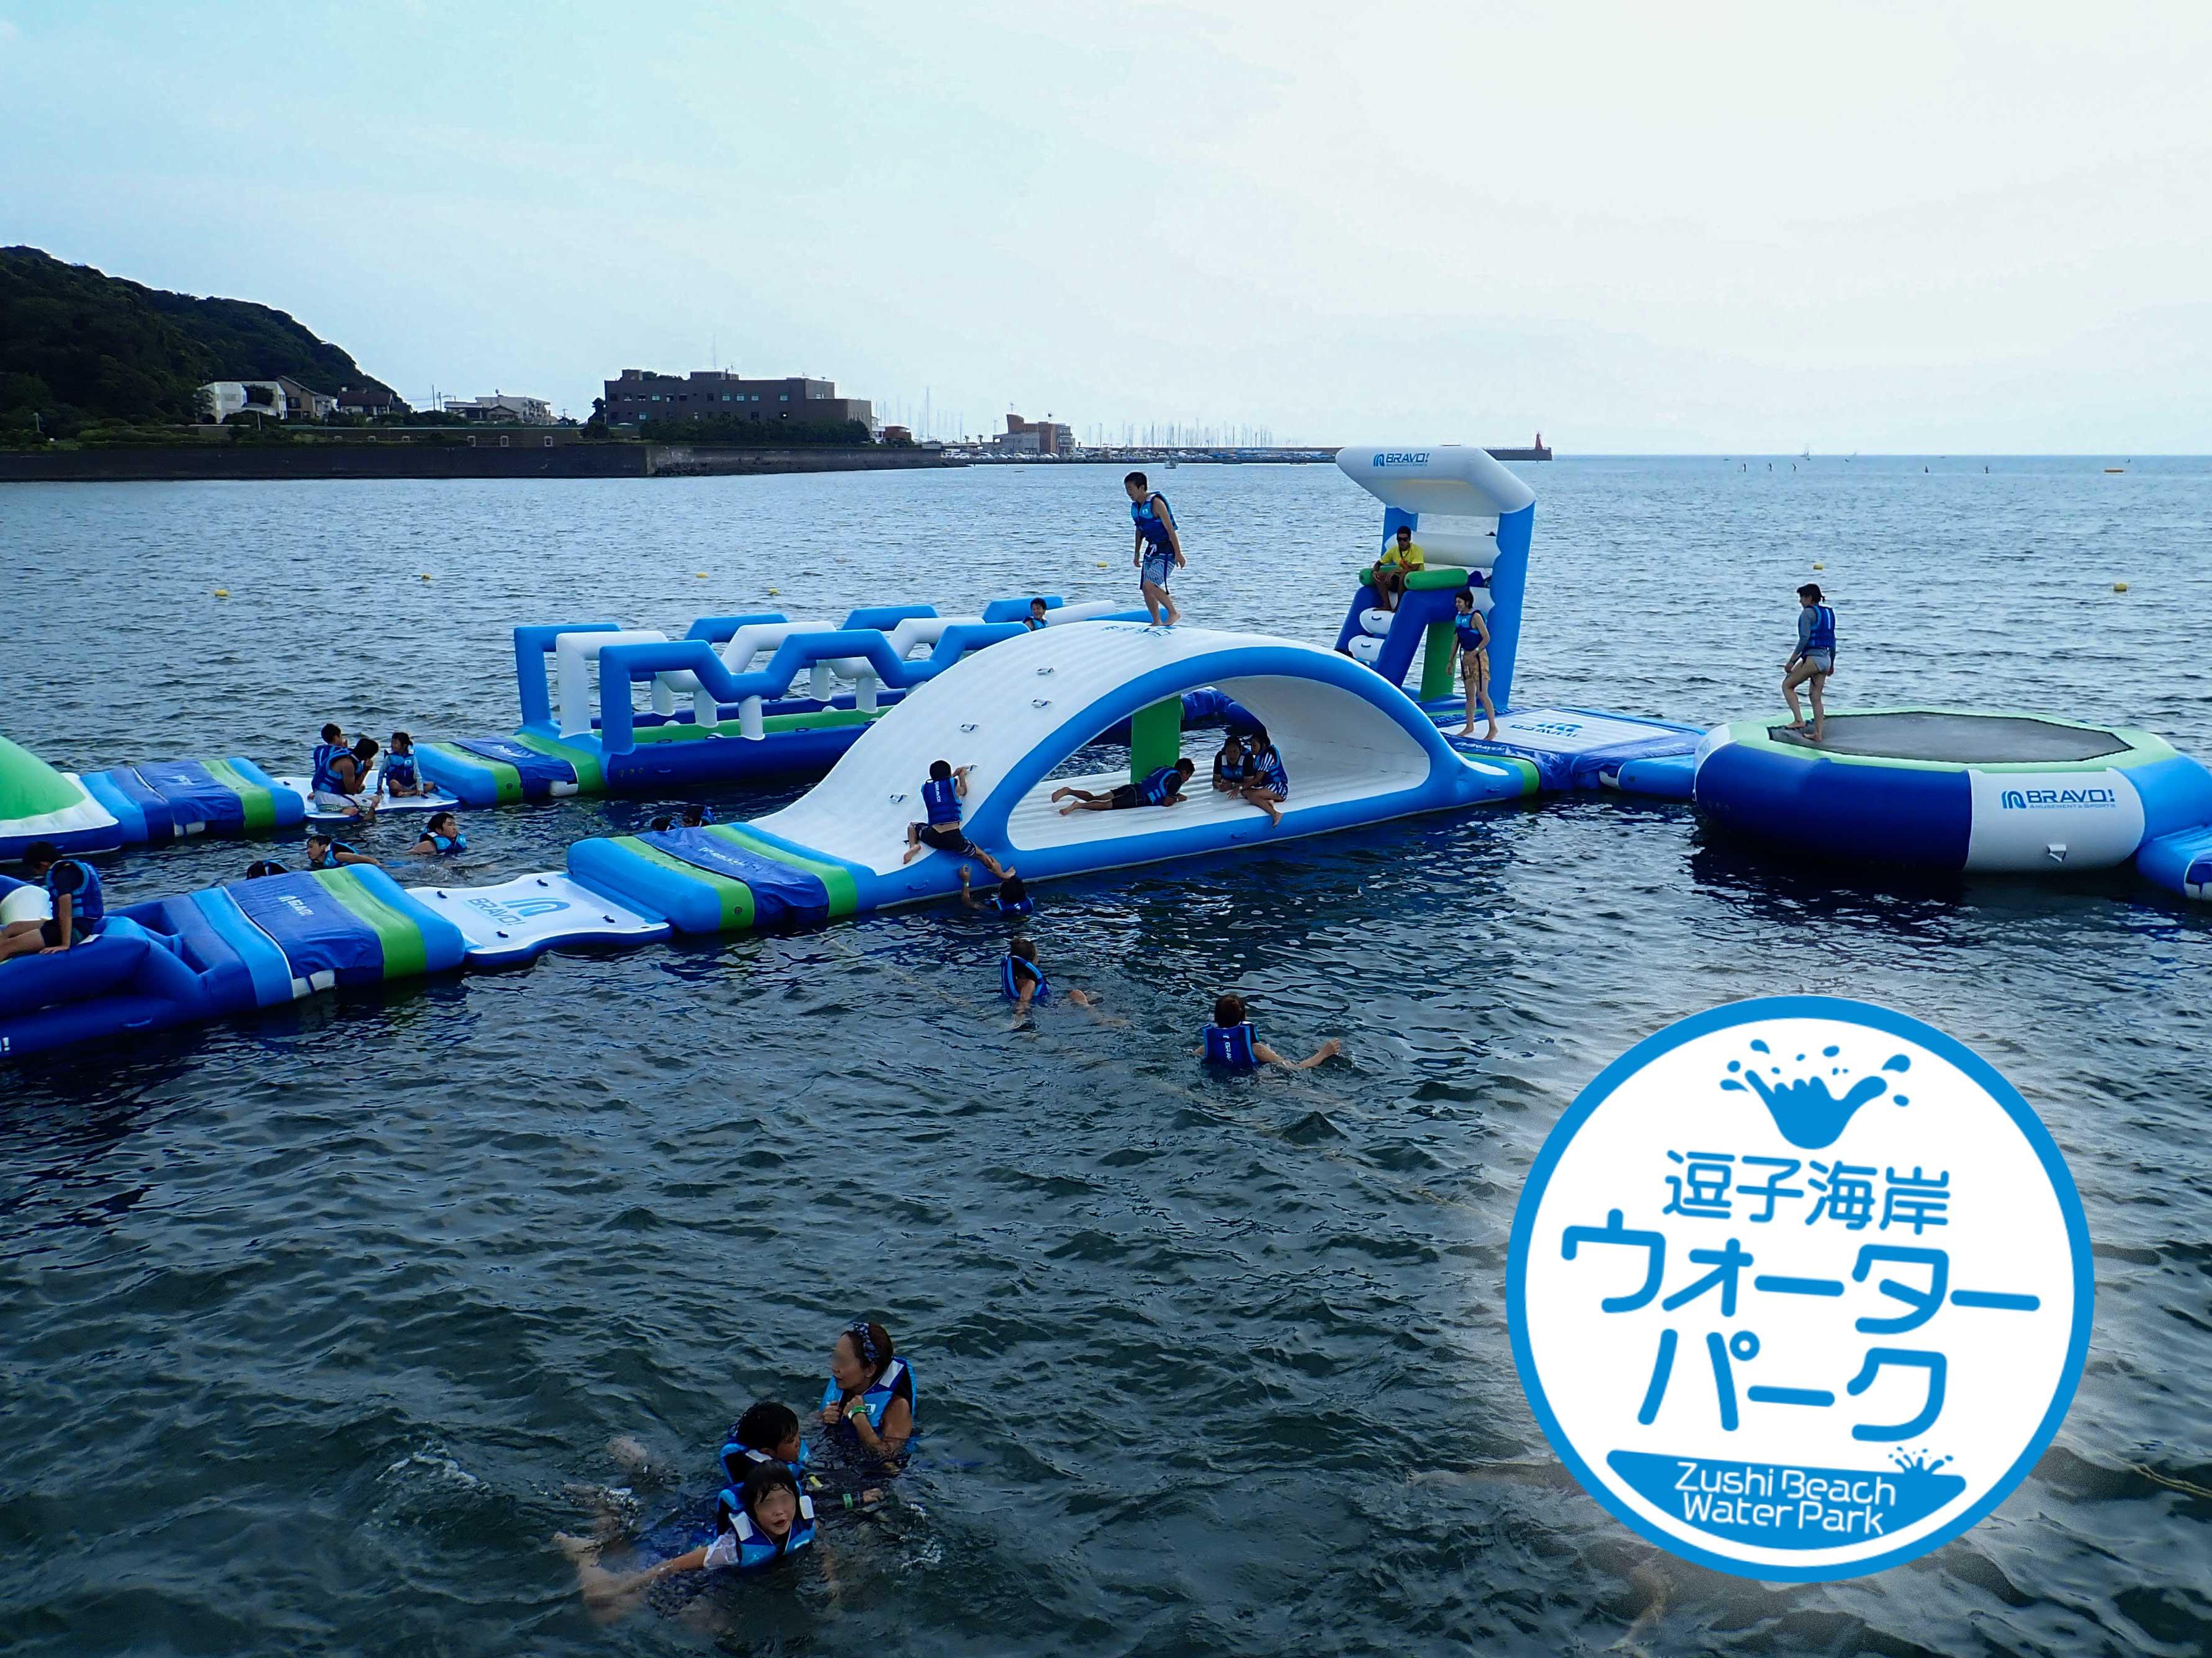 逗子の海に浮かぶアスレチック「逗子ウォーターパーク」へ遊びに行ってきた体験リポートをどうぞ!